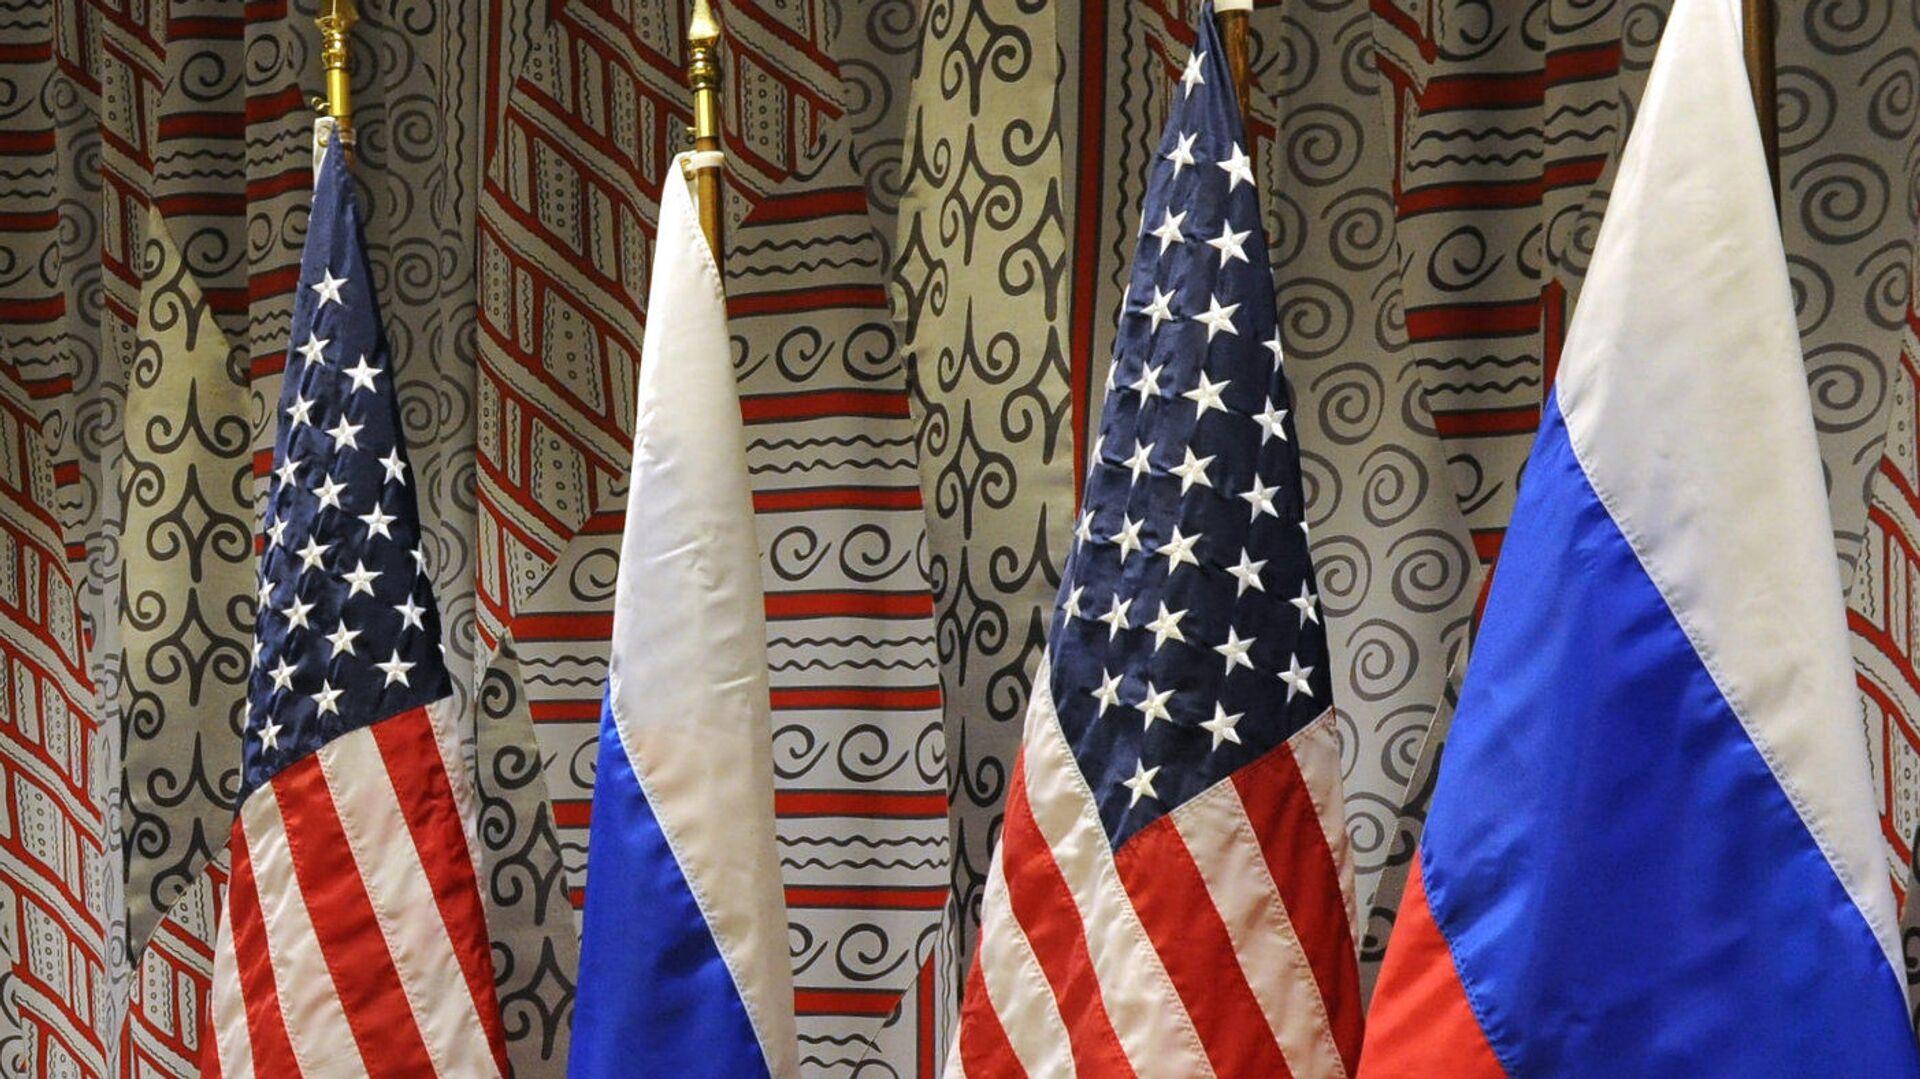 Vlajky Ruska a USA. Ilustrační foto - Sputnik Česká republika, 1920, 14.09.2019